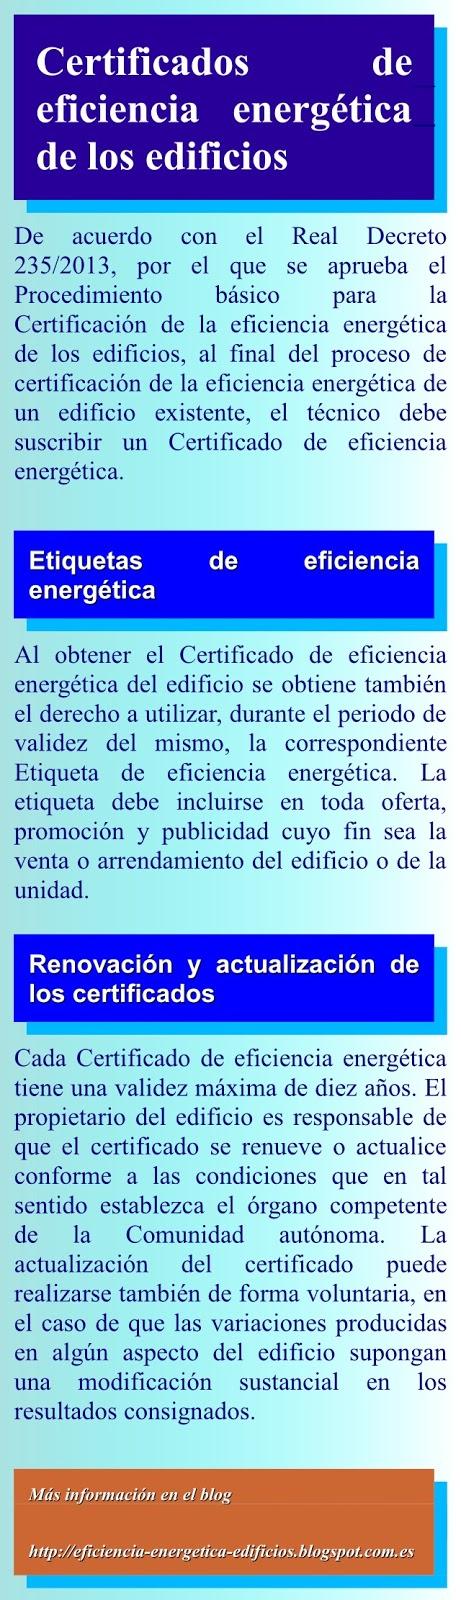 Certificados de eficiencia energética de edificios